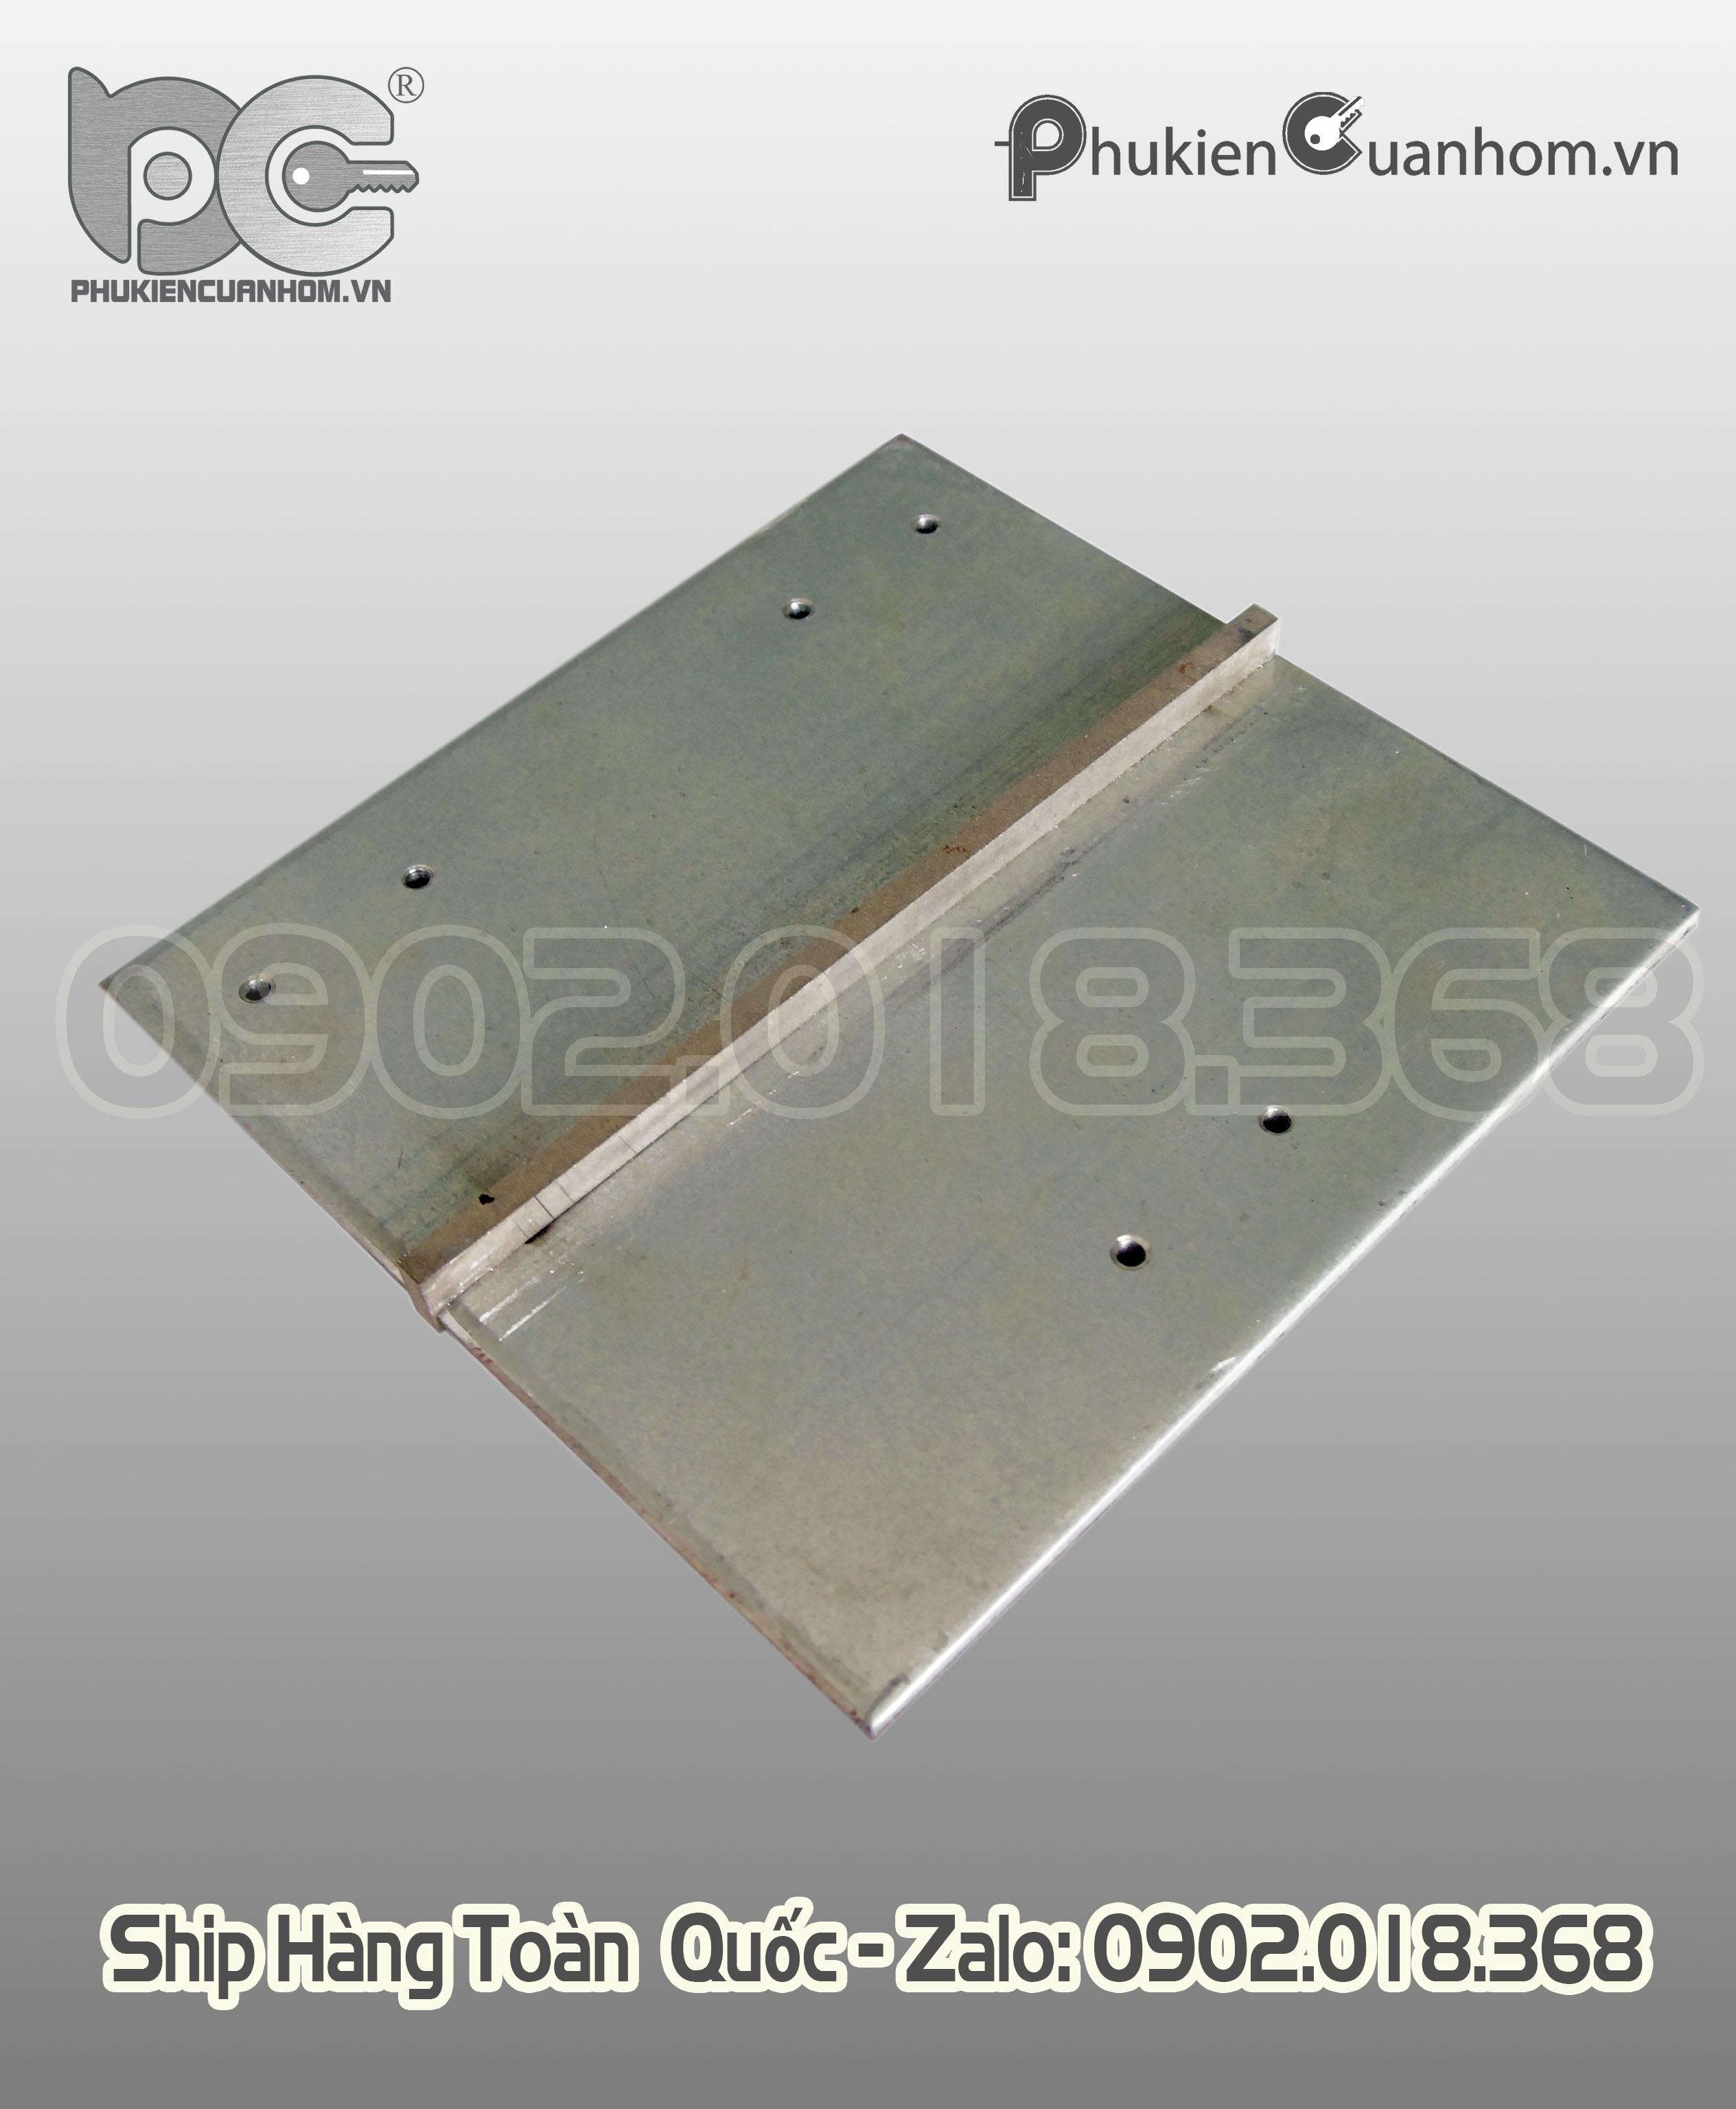 Dưỡng bản lề 3D 63 và 93 dùng cho cửa đi nhôm Xingfa hệ 55